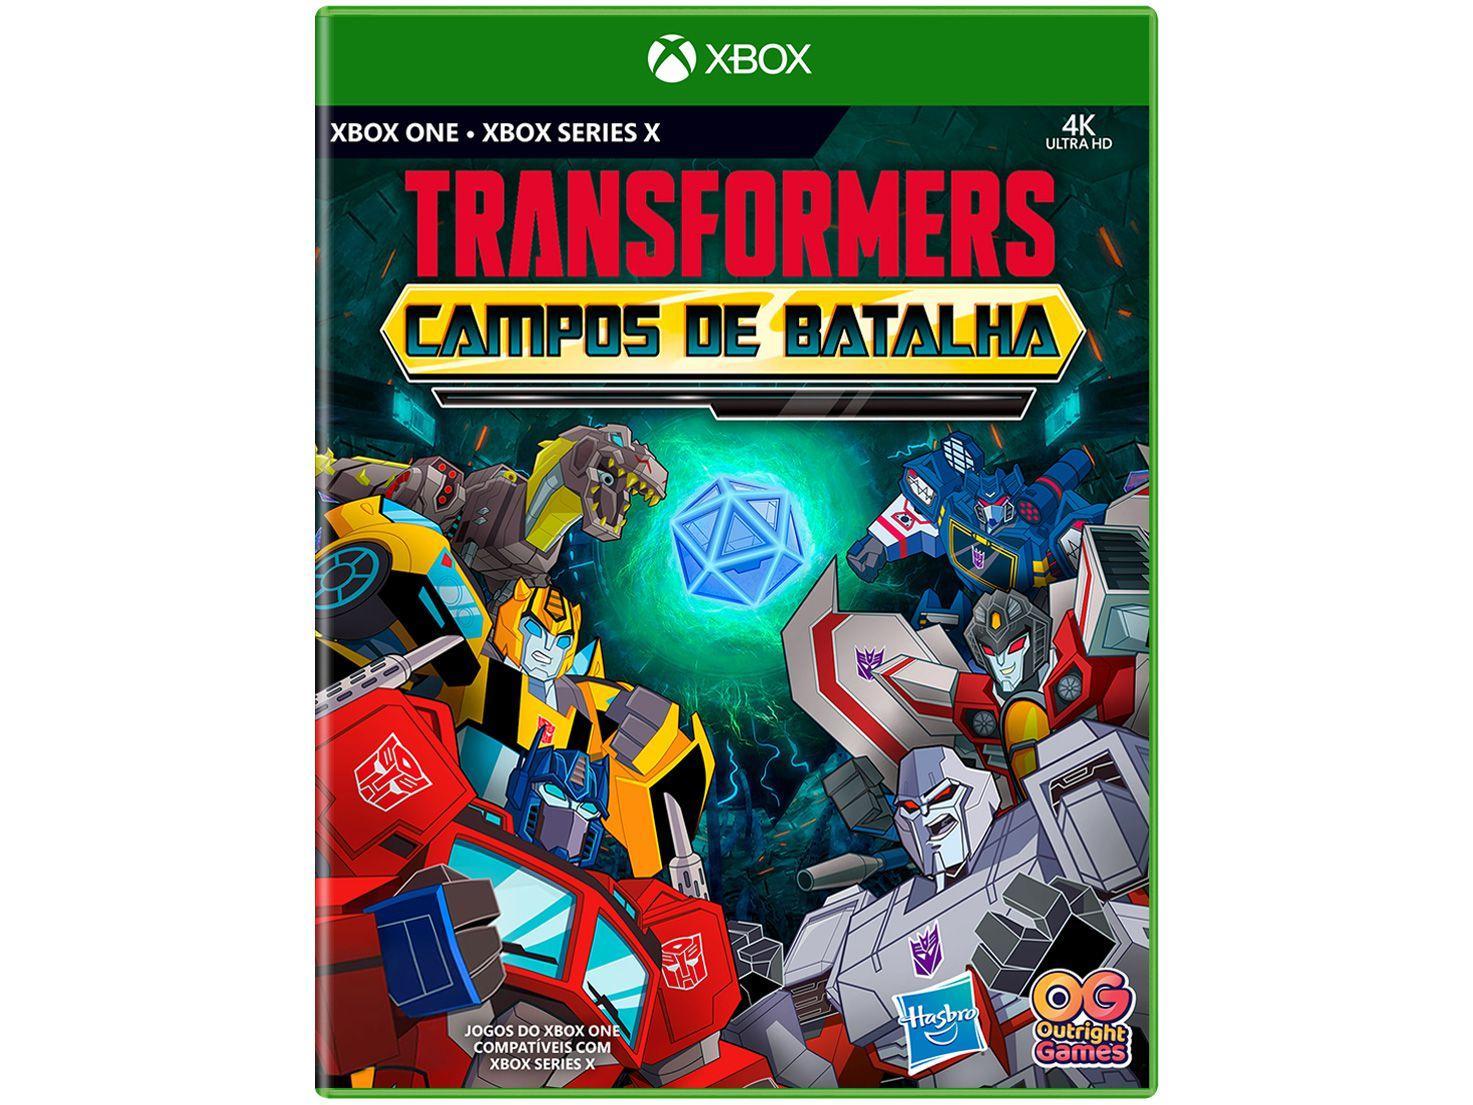 Jogo Transformers Campos de Batalha - para Xbox One e Xbox Series X Outright Games